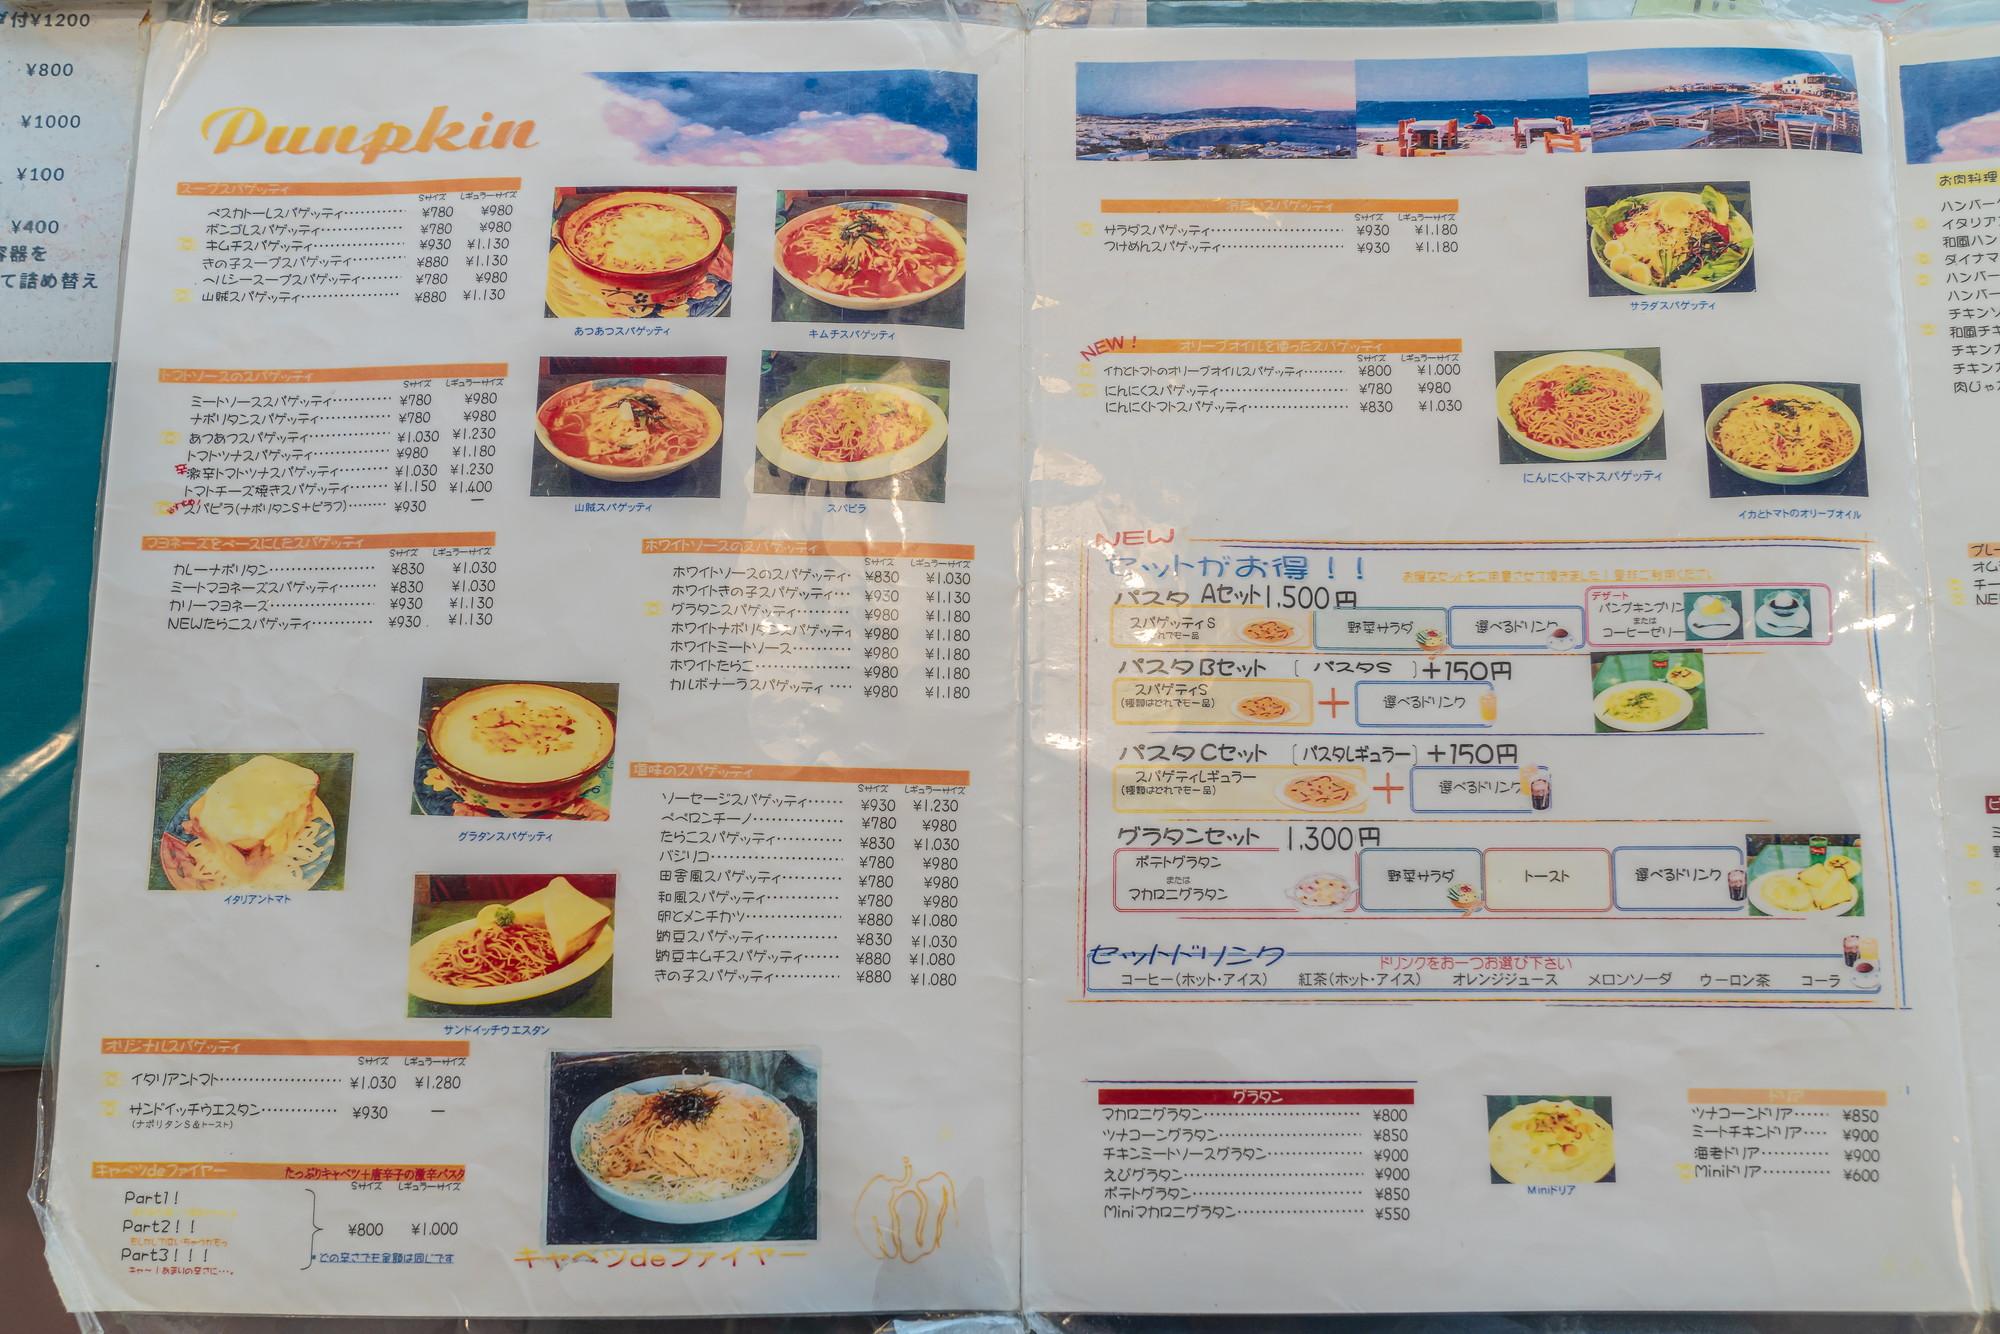 レストラン パンプキン|群馬県前橋市